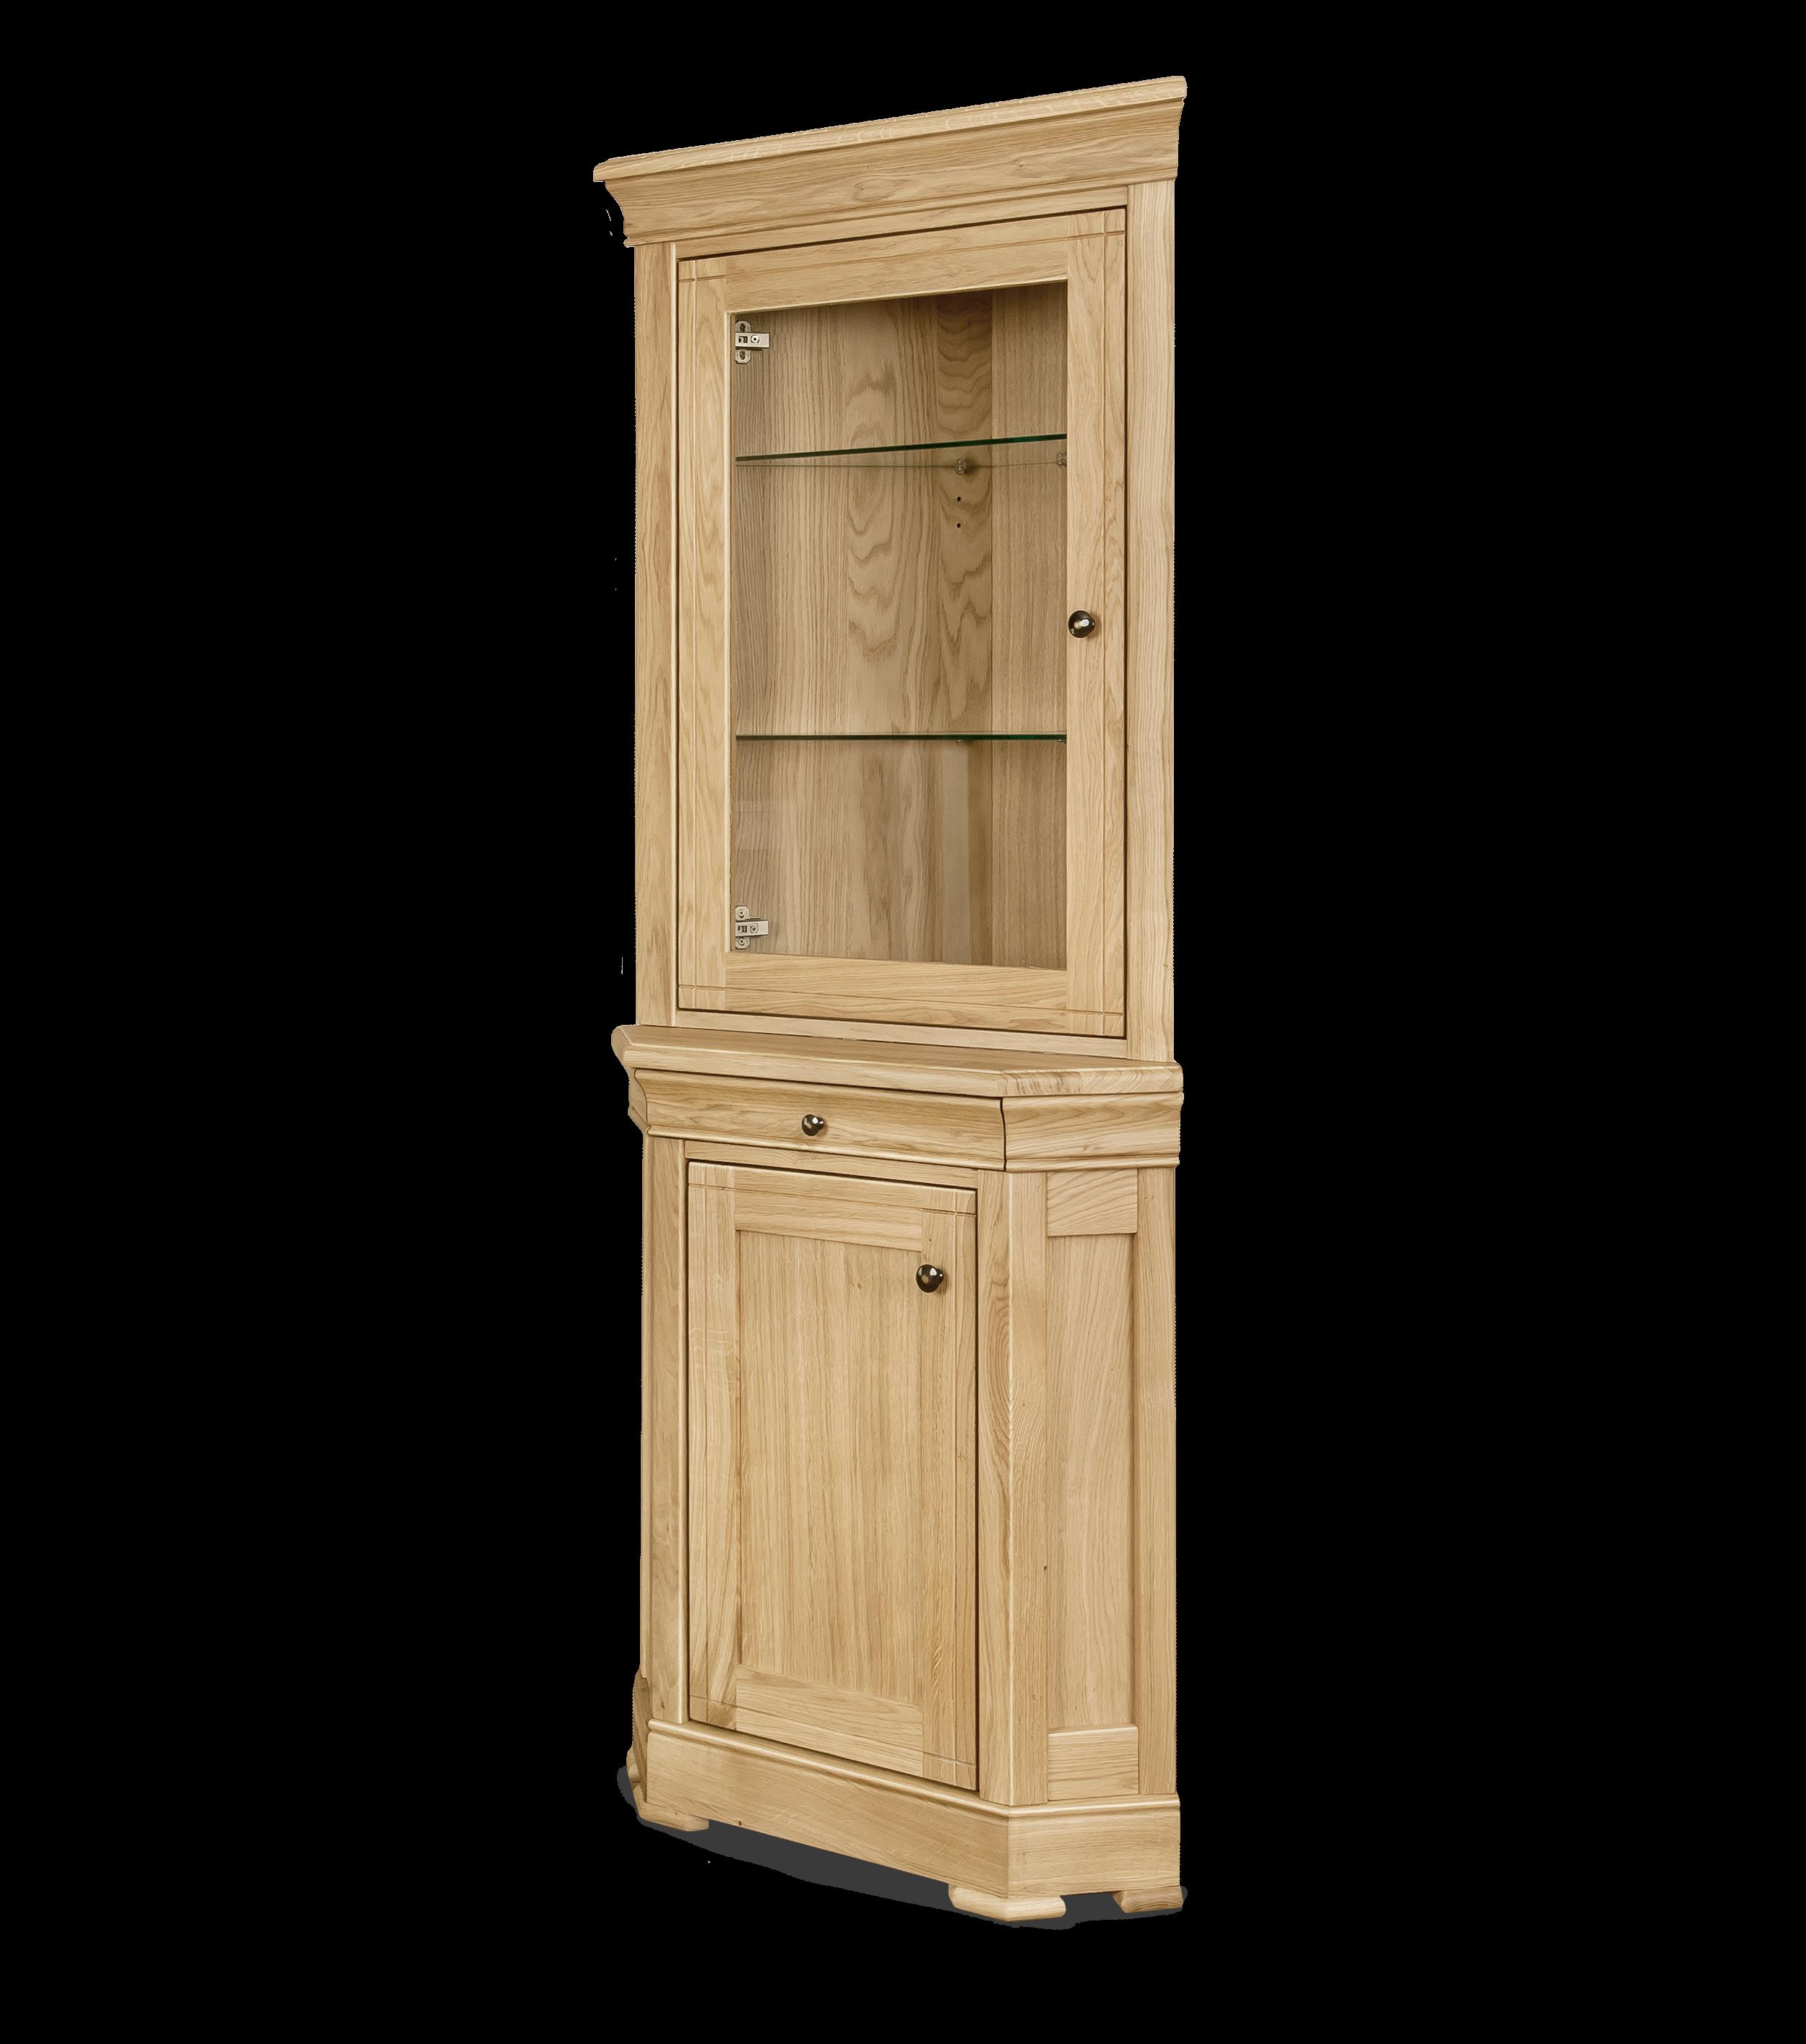 Corner  Display Cabinet H 1900 x W 790 x D 460  Sideboard H 870 x W 770 x D 500